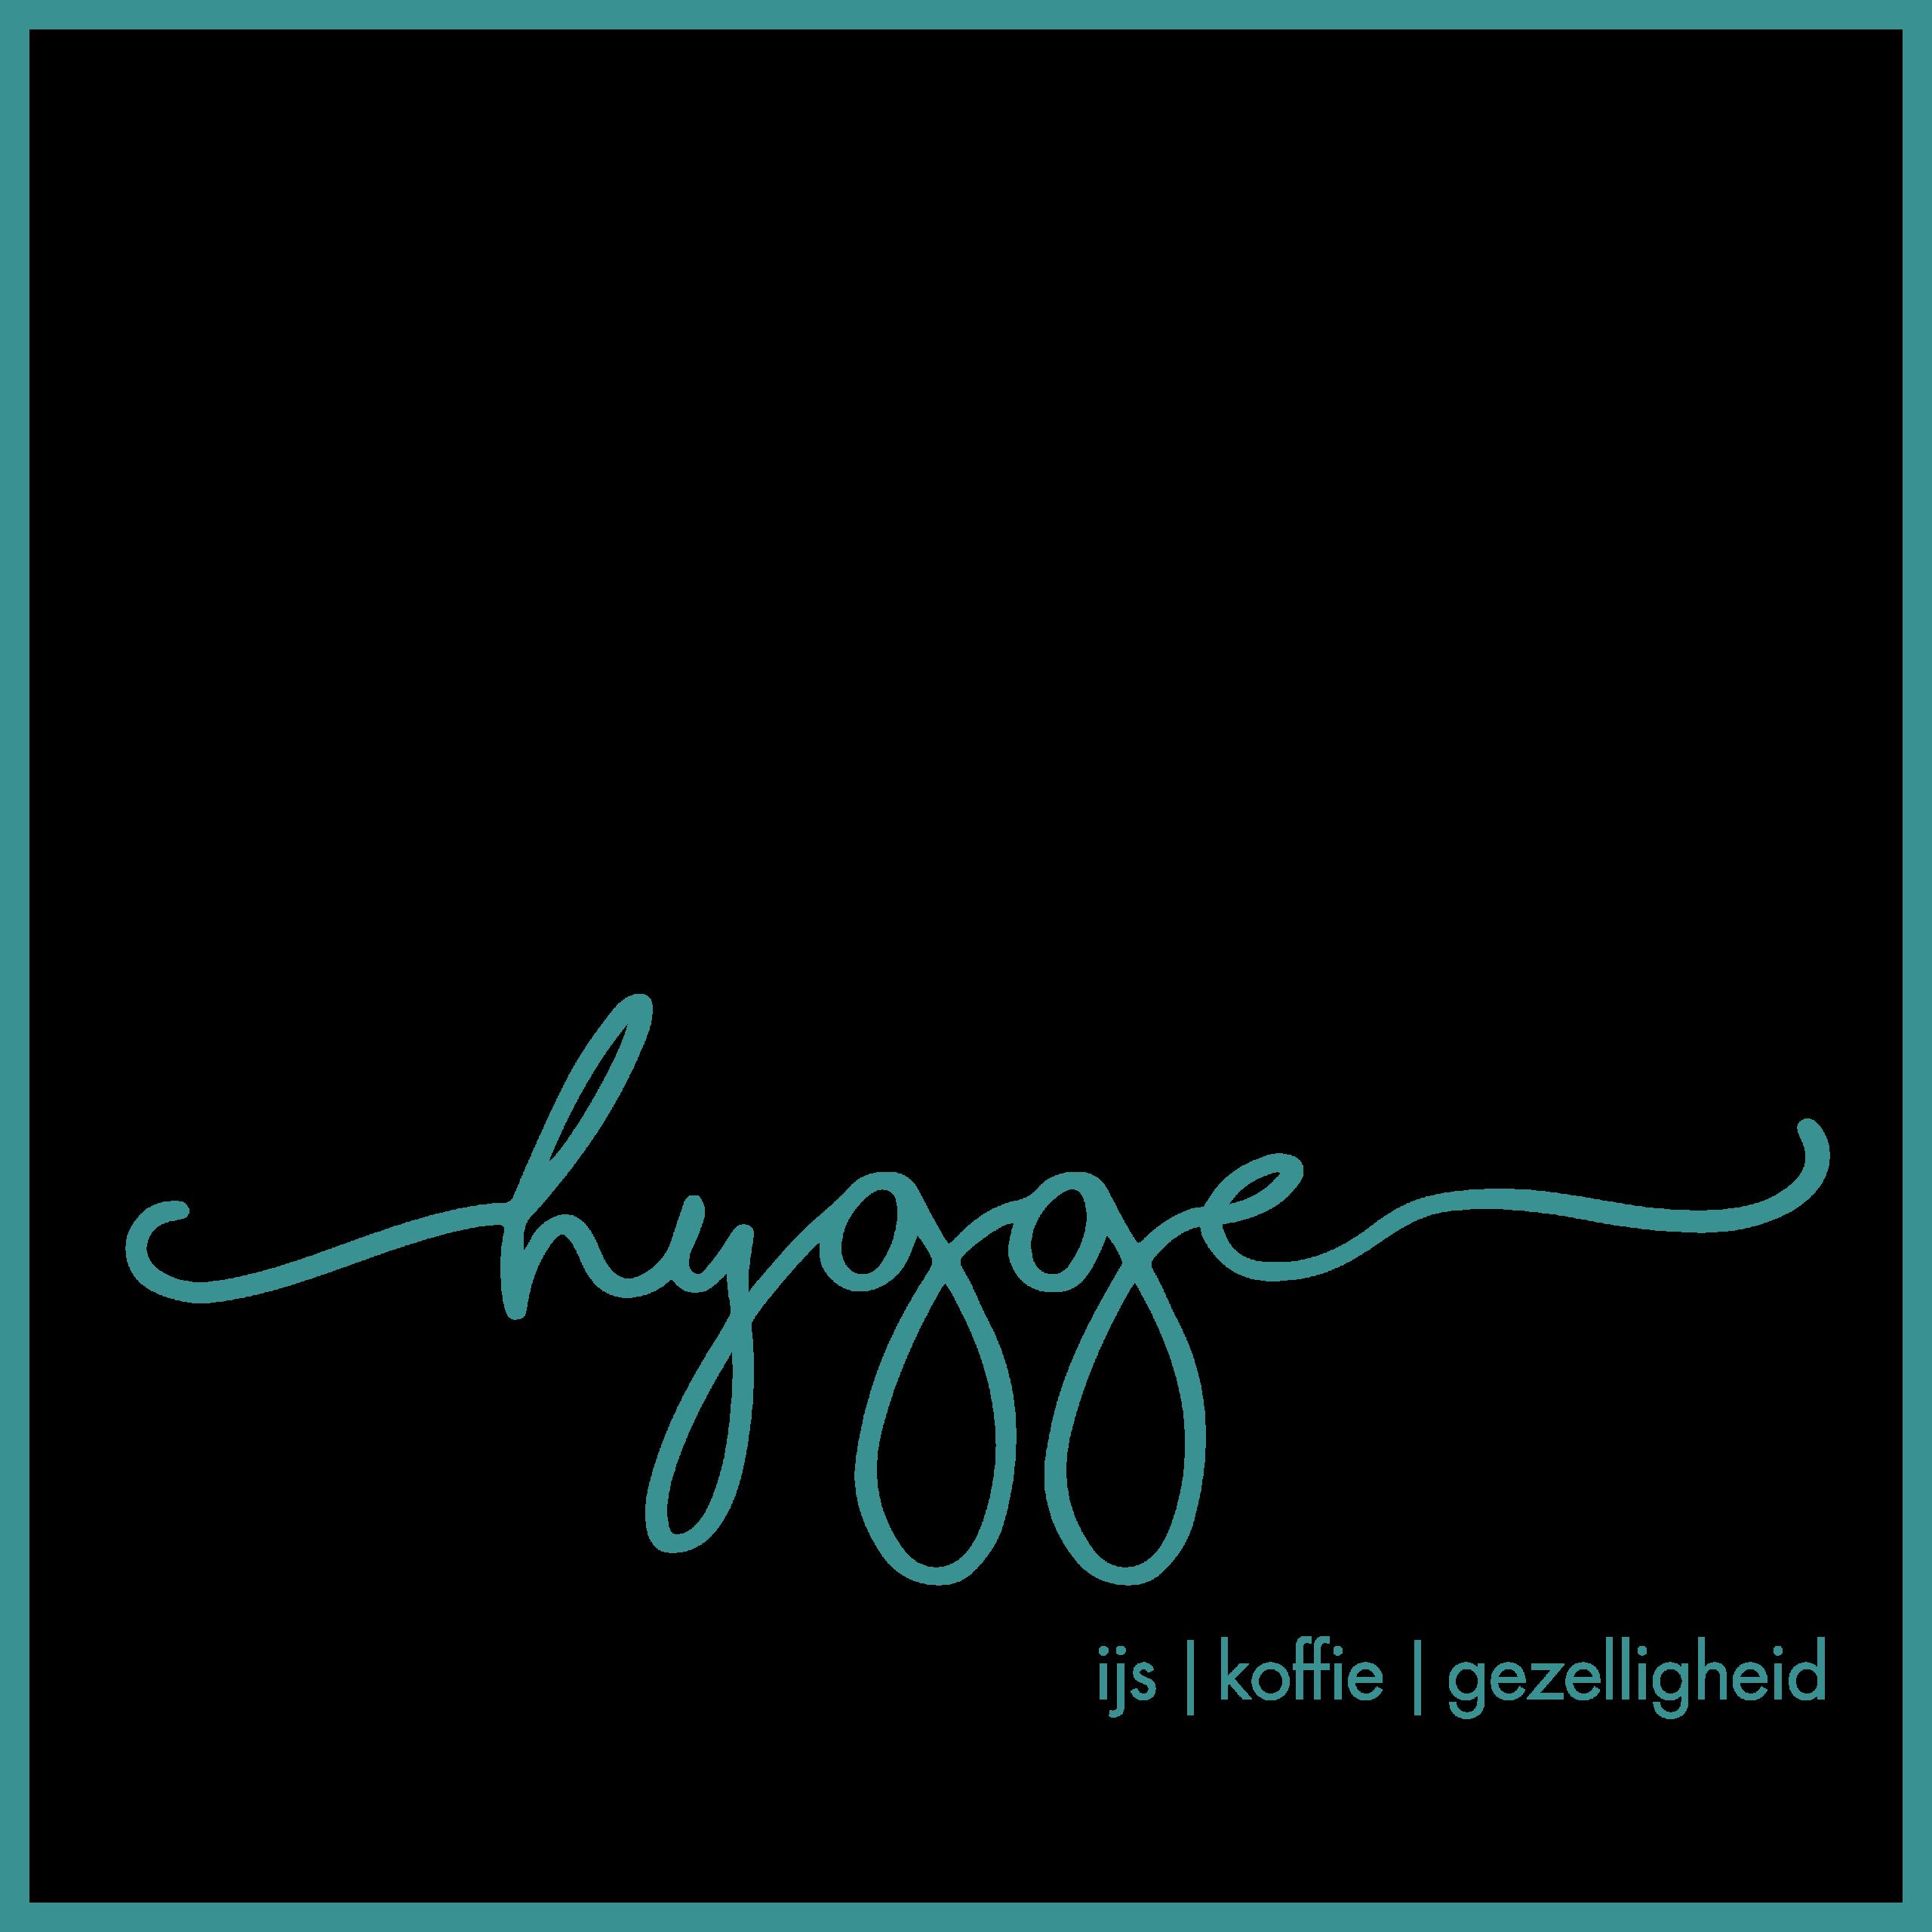 IJssalon Hygge